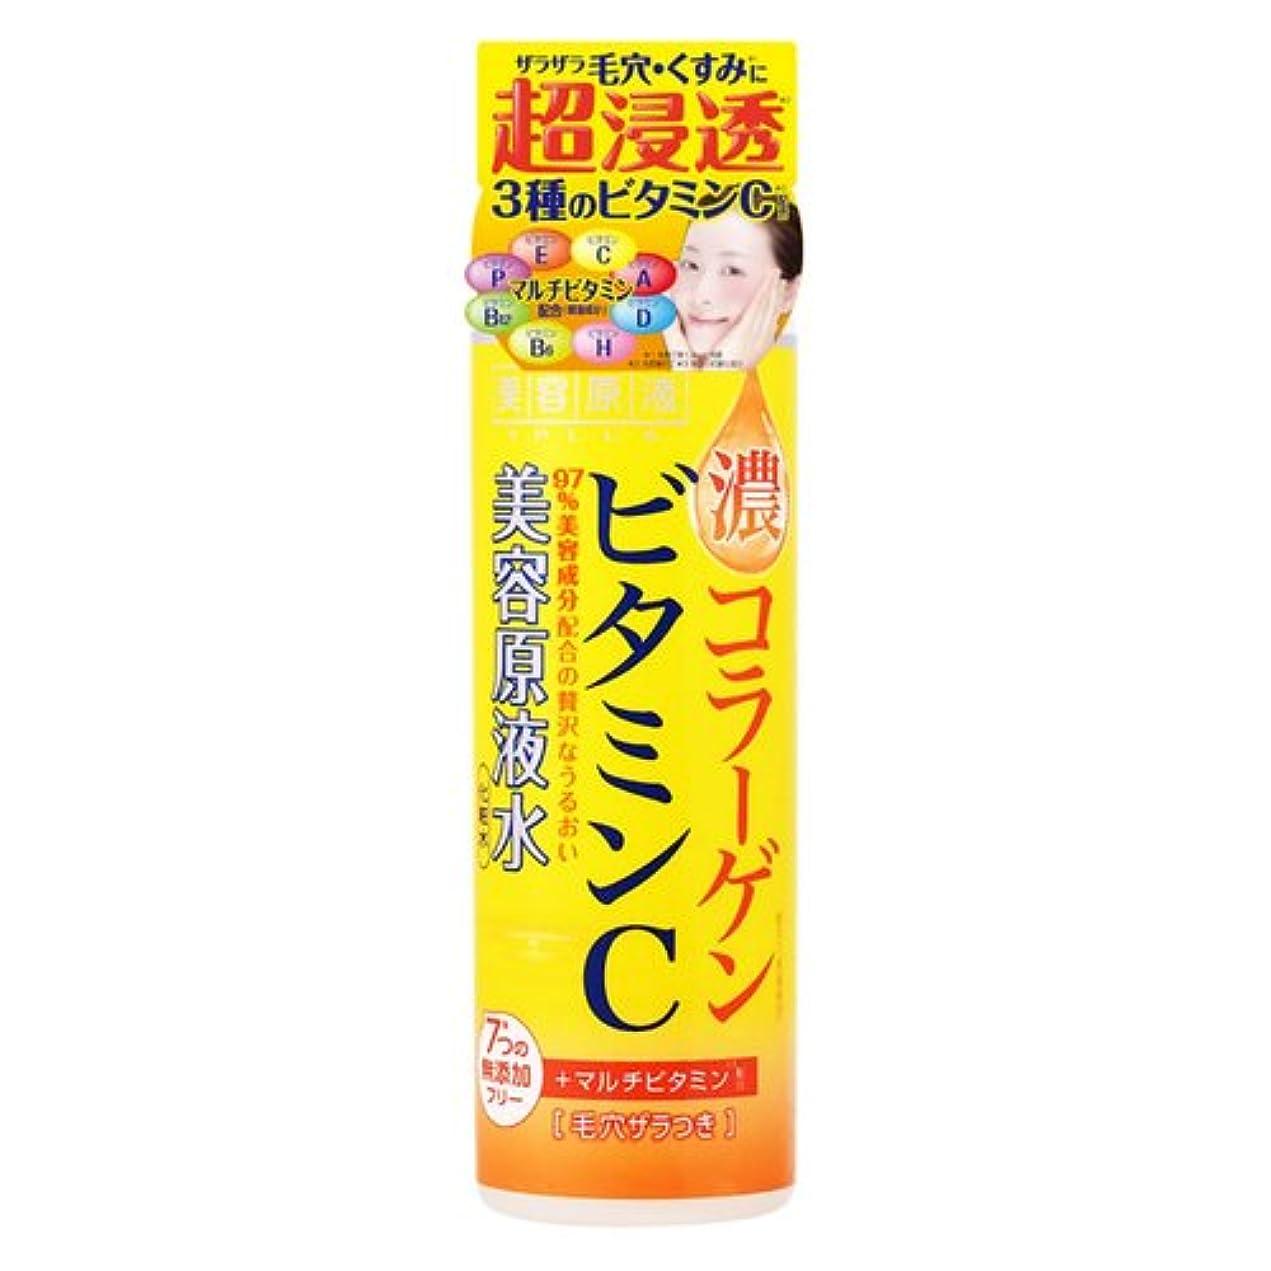 厚い内なる恋人美容原液 超潤化粧水VC 185mL